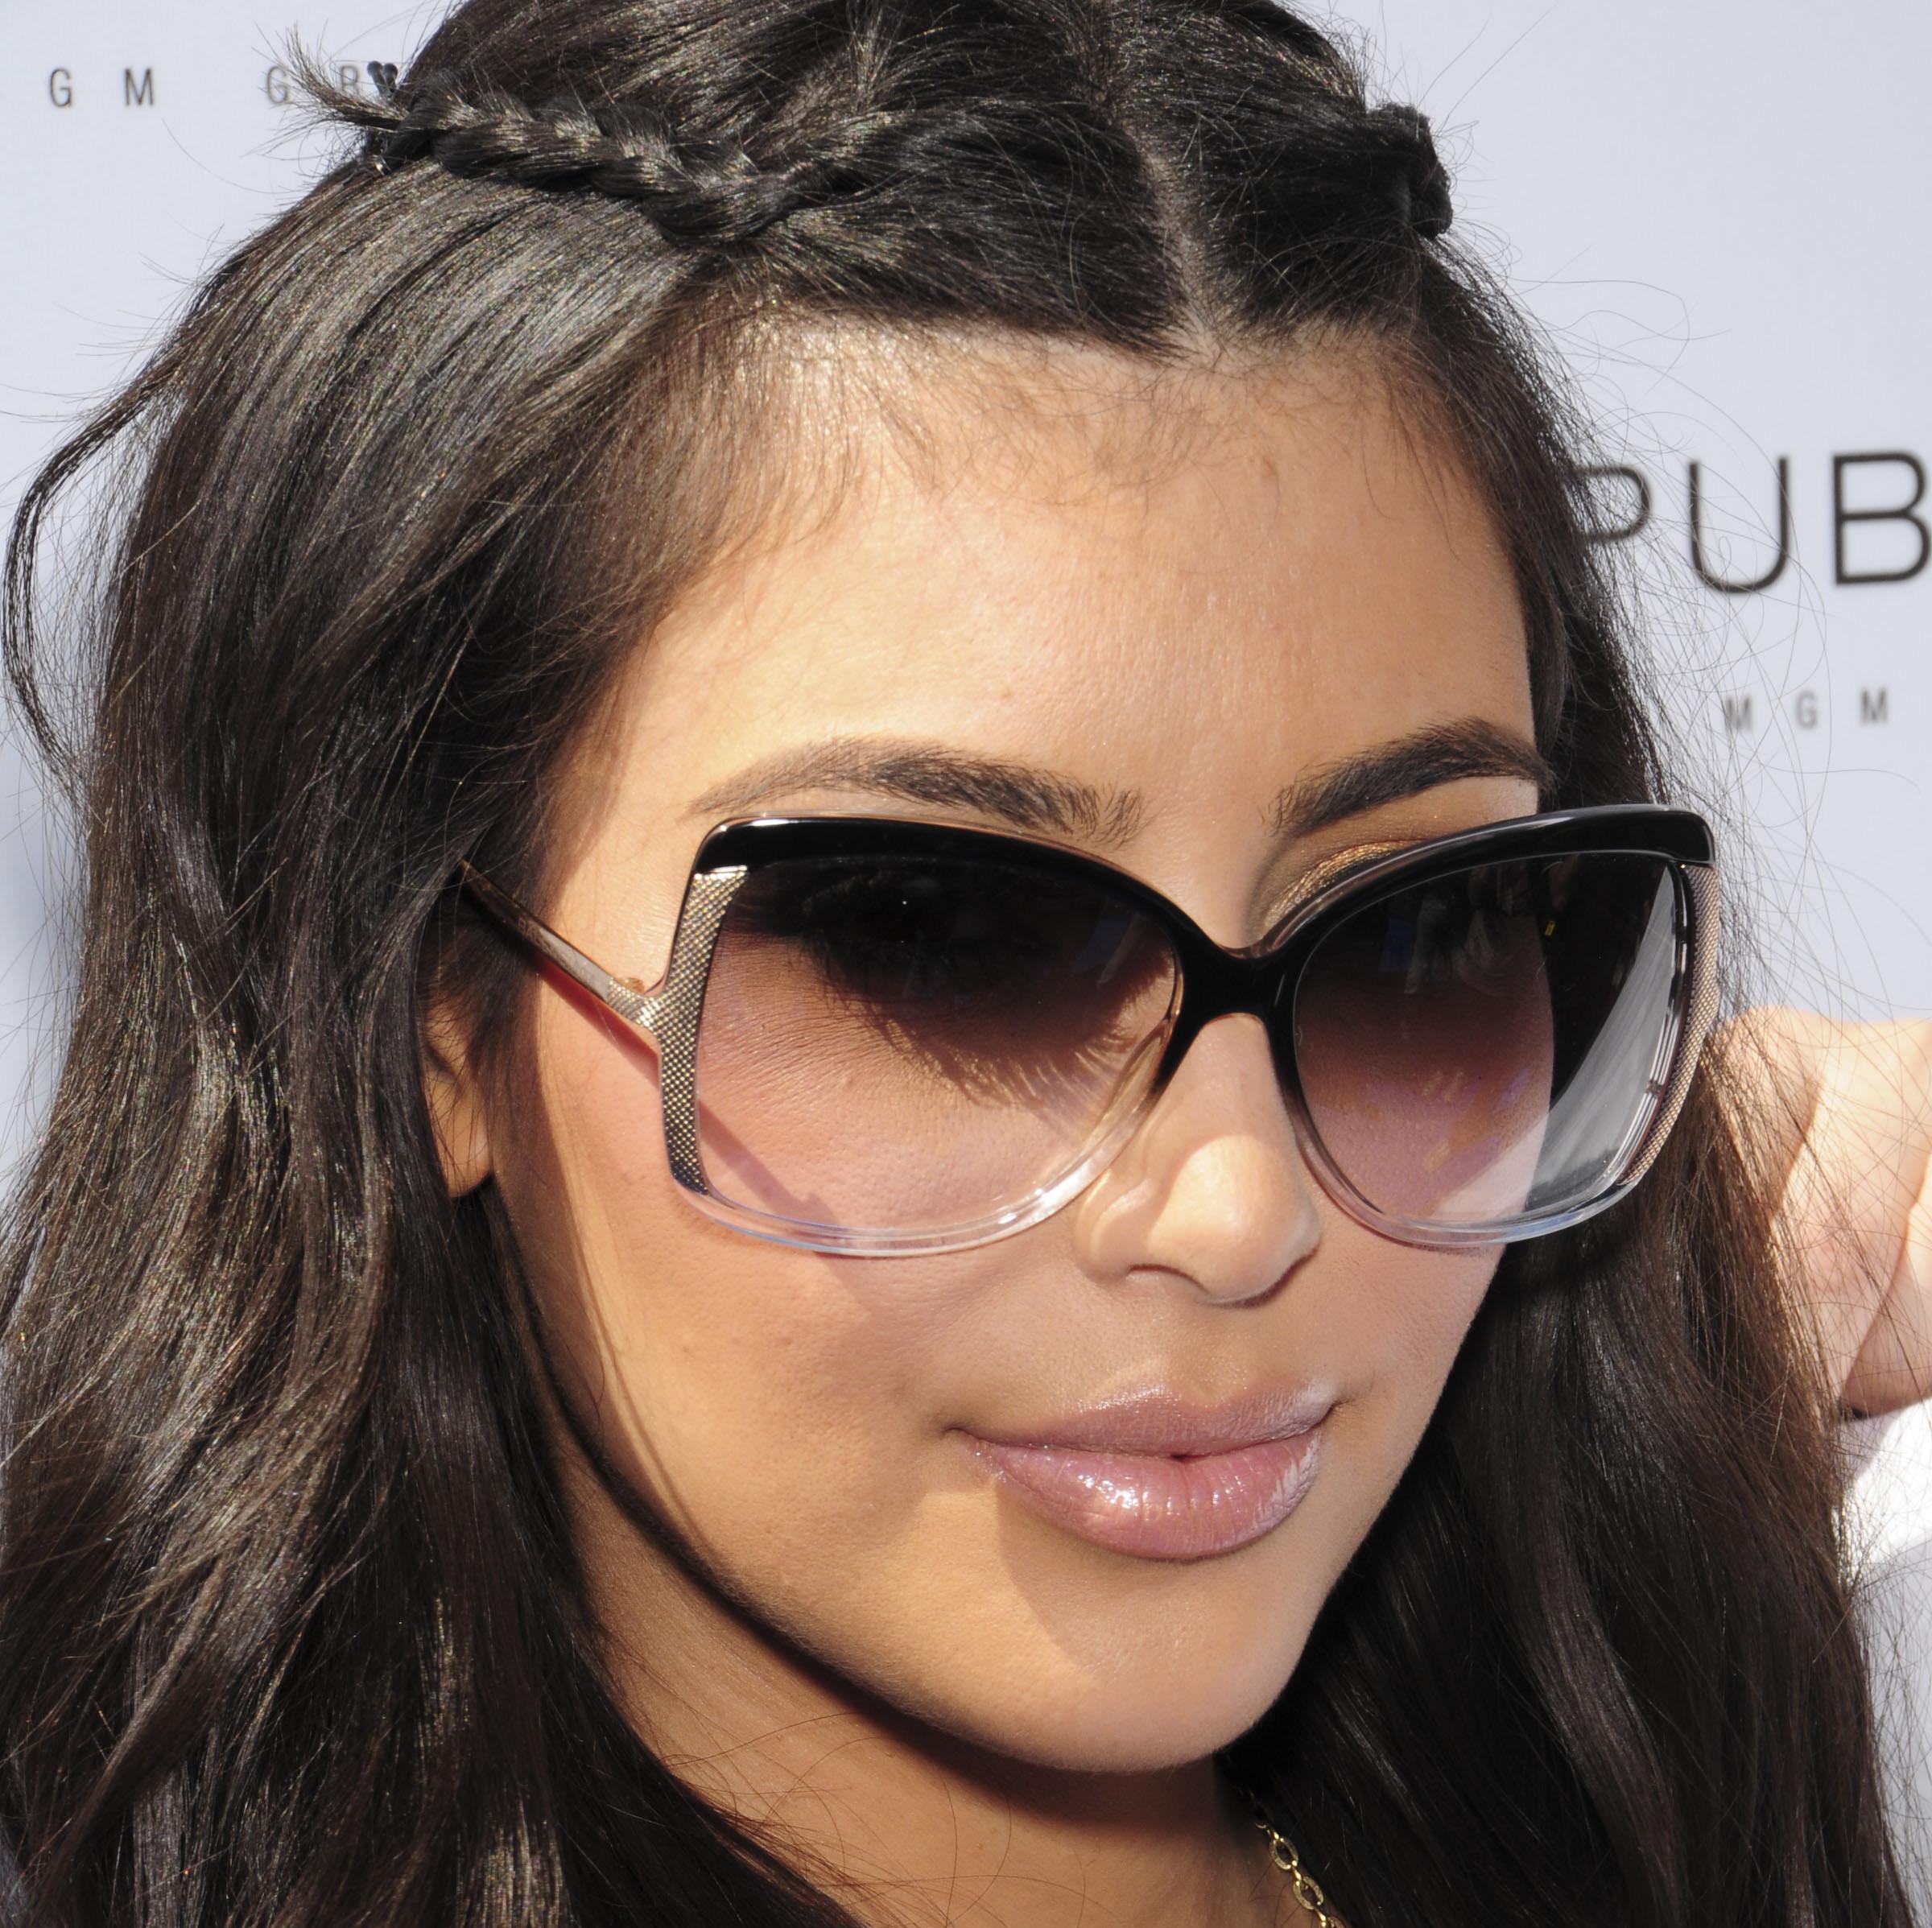 Kim Kardashian Hosts Season Opening Pool Party at Wet Republic